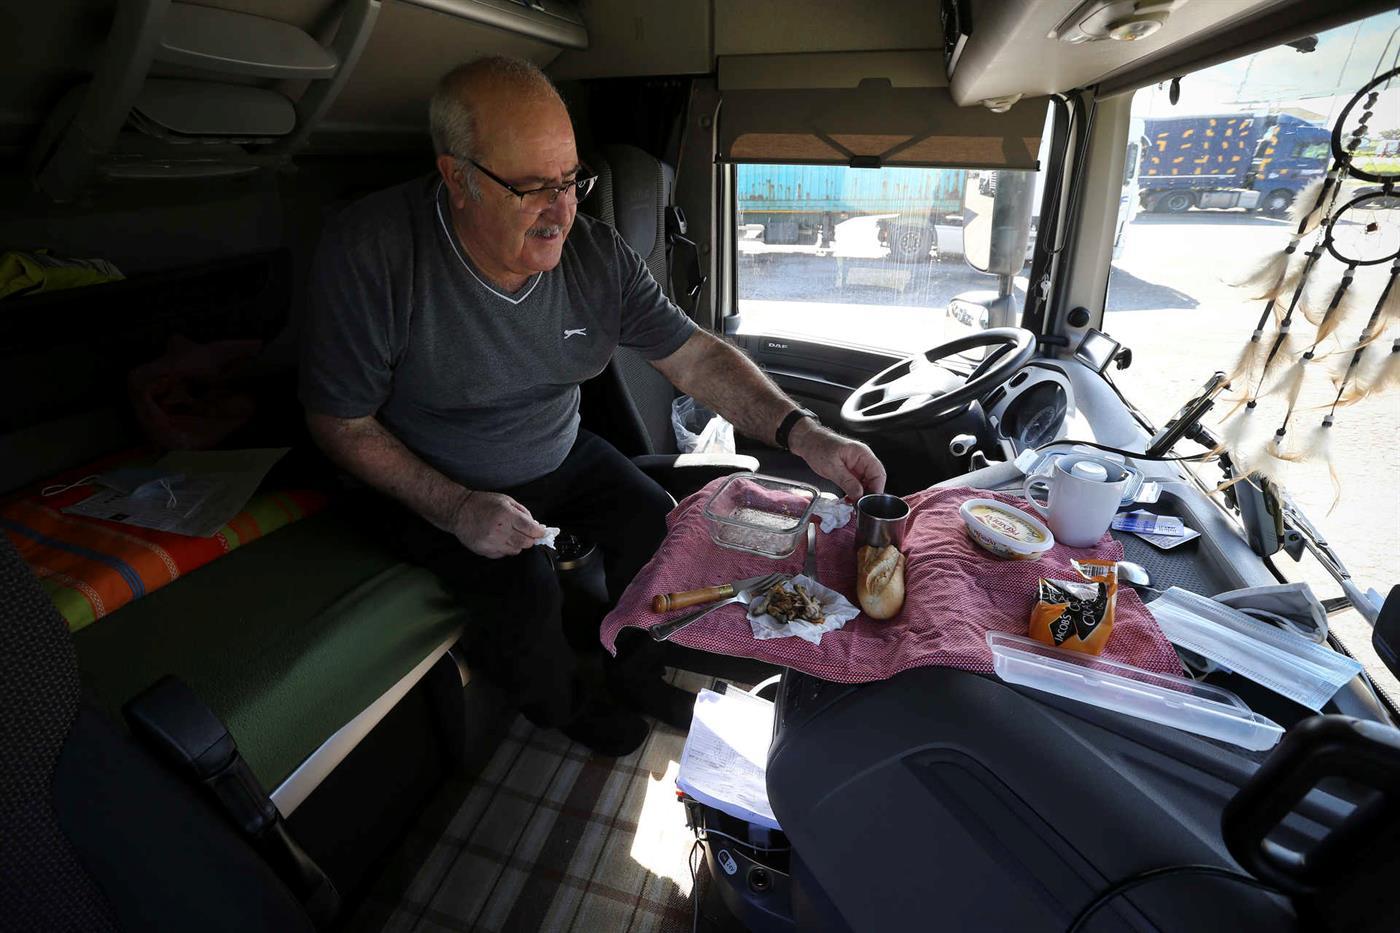 ¿Dónde almuerzan los que no pueden quedarse en casa?  ¿Y tus necesidades?